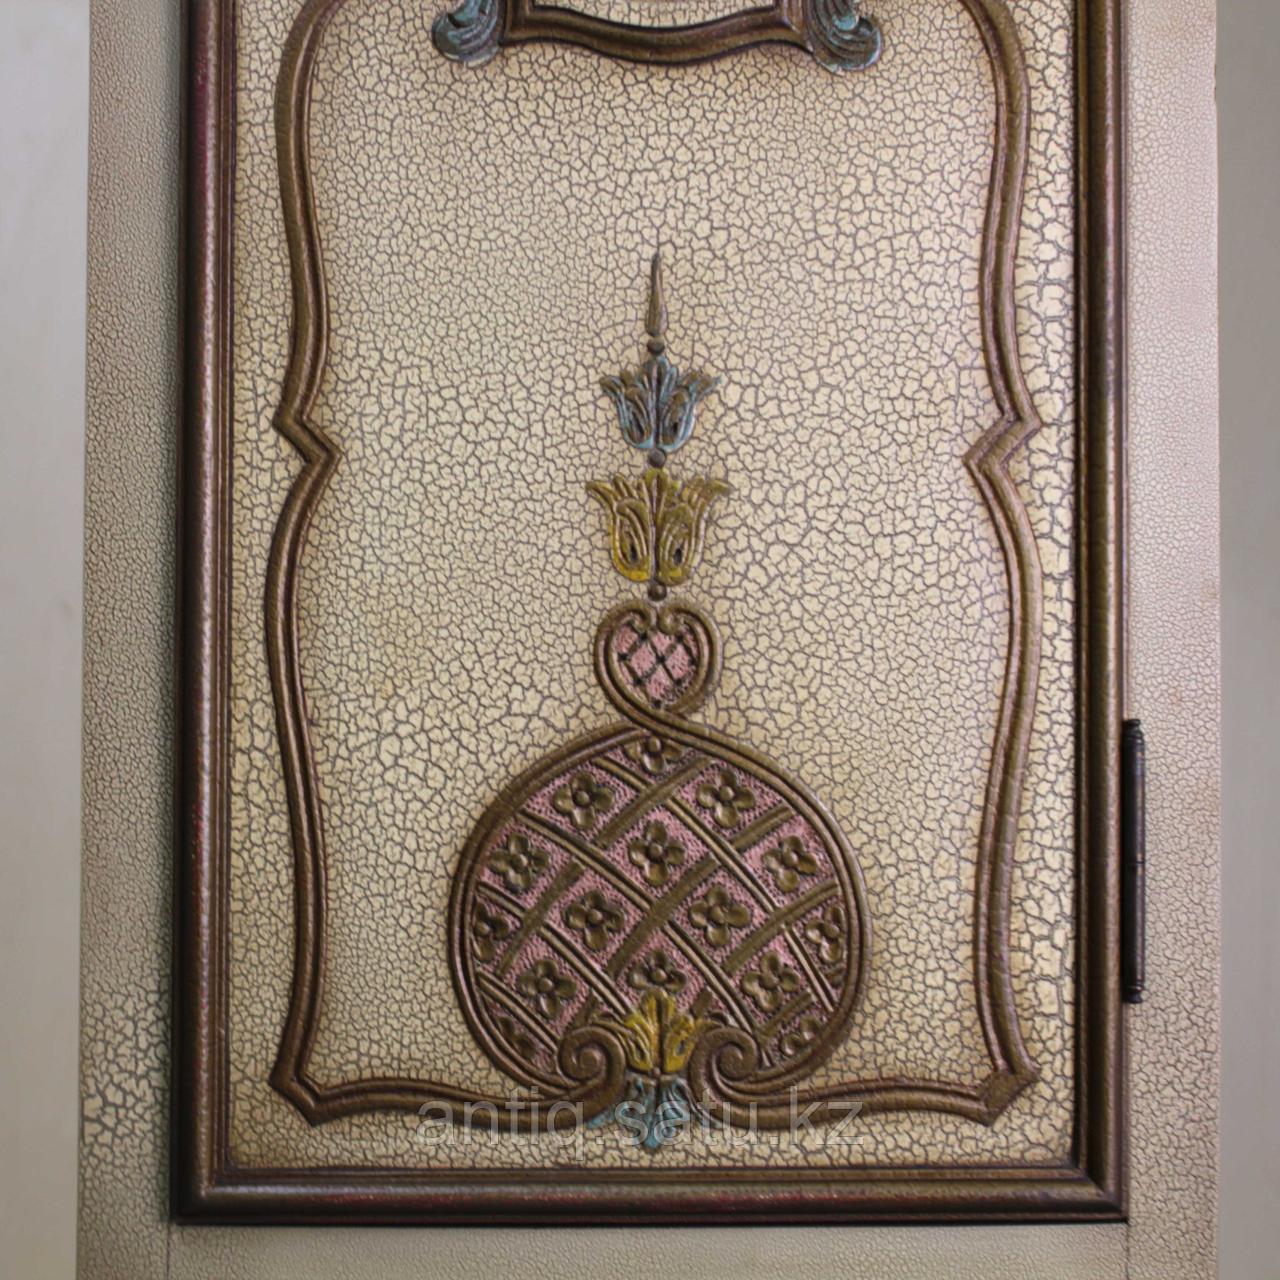 Напольные часы с рыцарским гербом. Германия. Середина ХХ века - фото 6